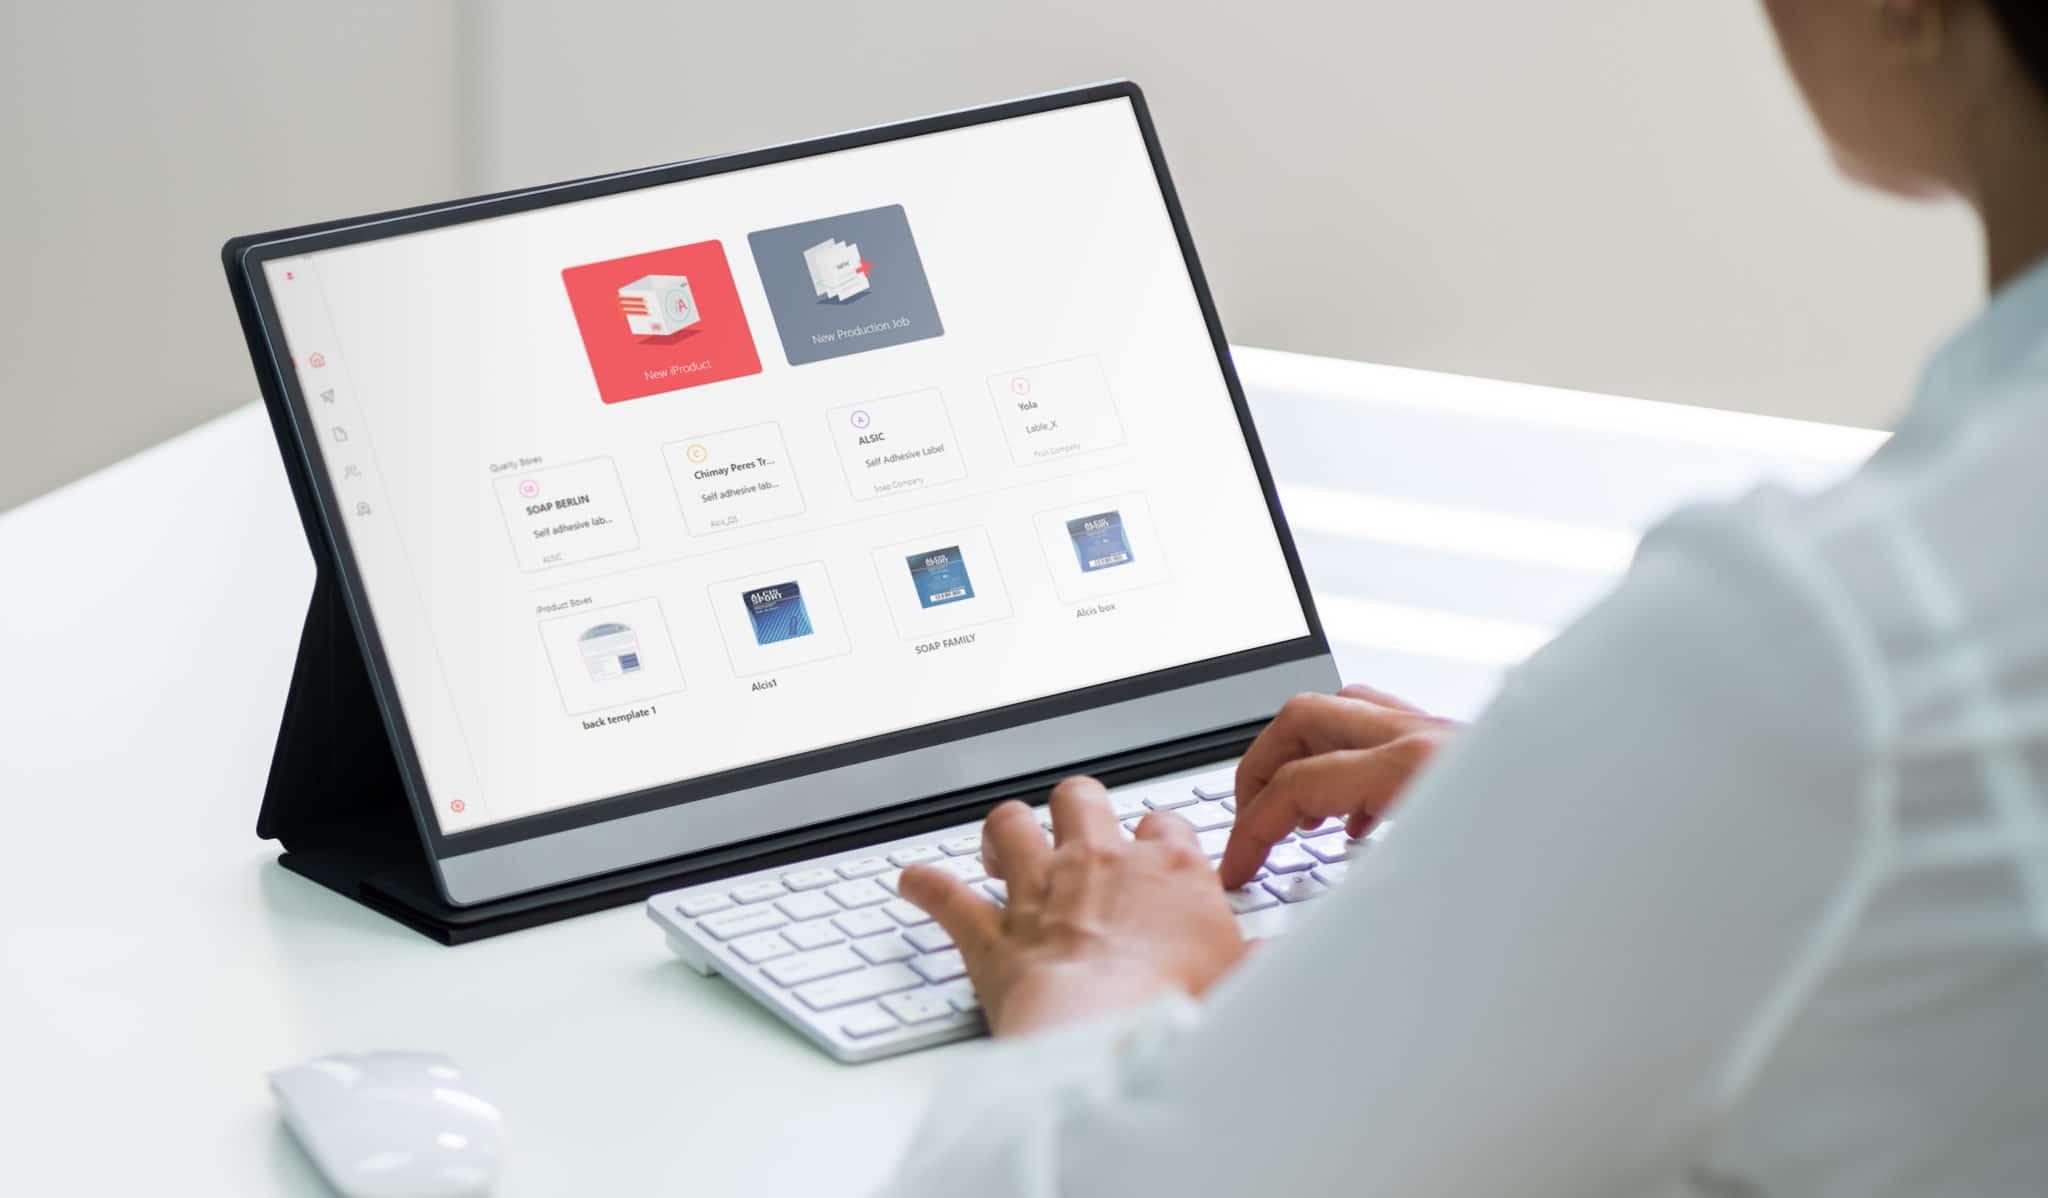 AVT iCenter ist eine Prüfsoftware, die Etiketten-Betrieben eine einfache Verwaltung von Qualitäts- und Produktionsstandards ermöglichen soll (Quelle: Esko)